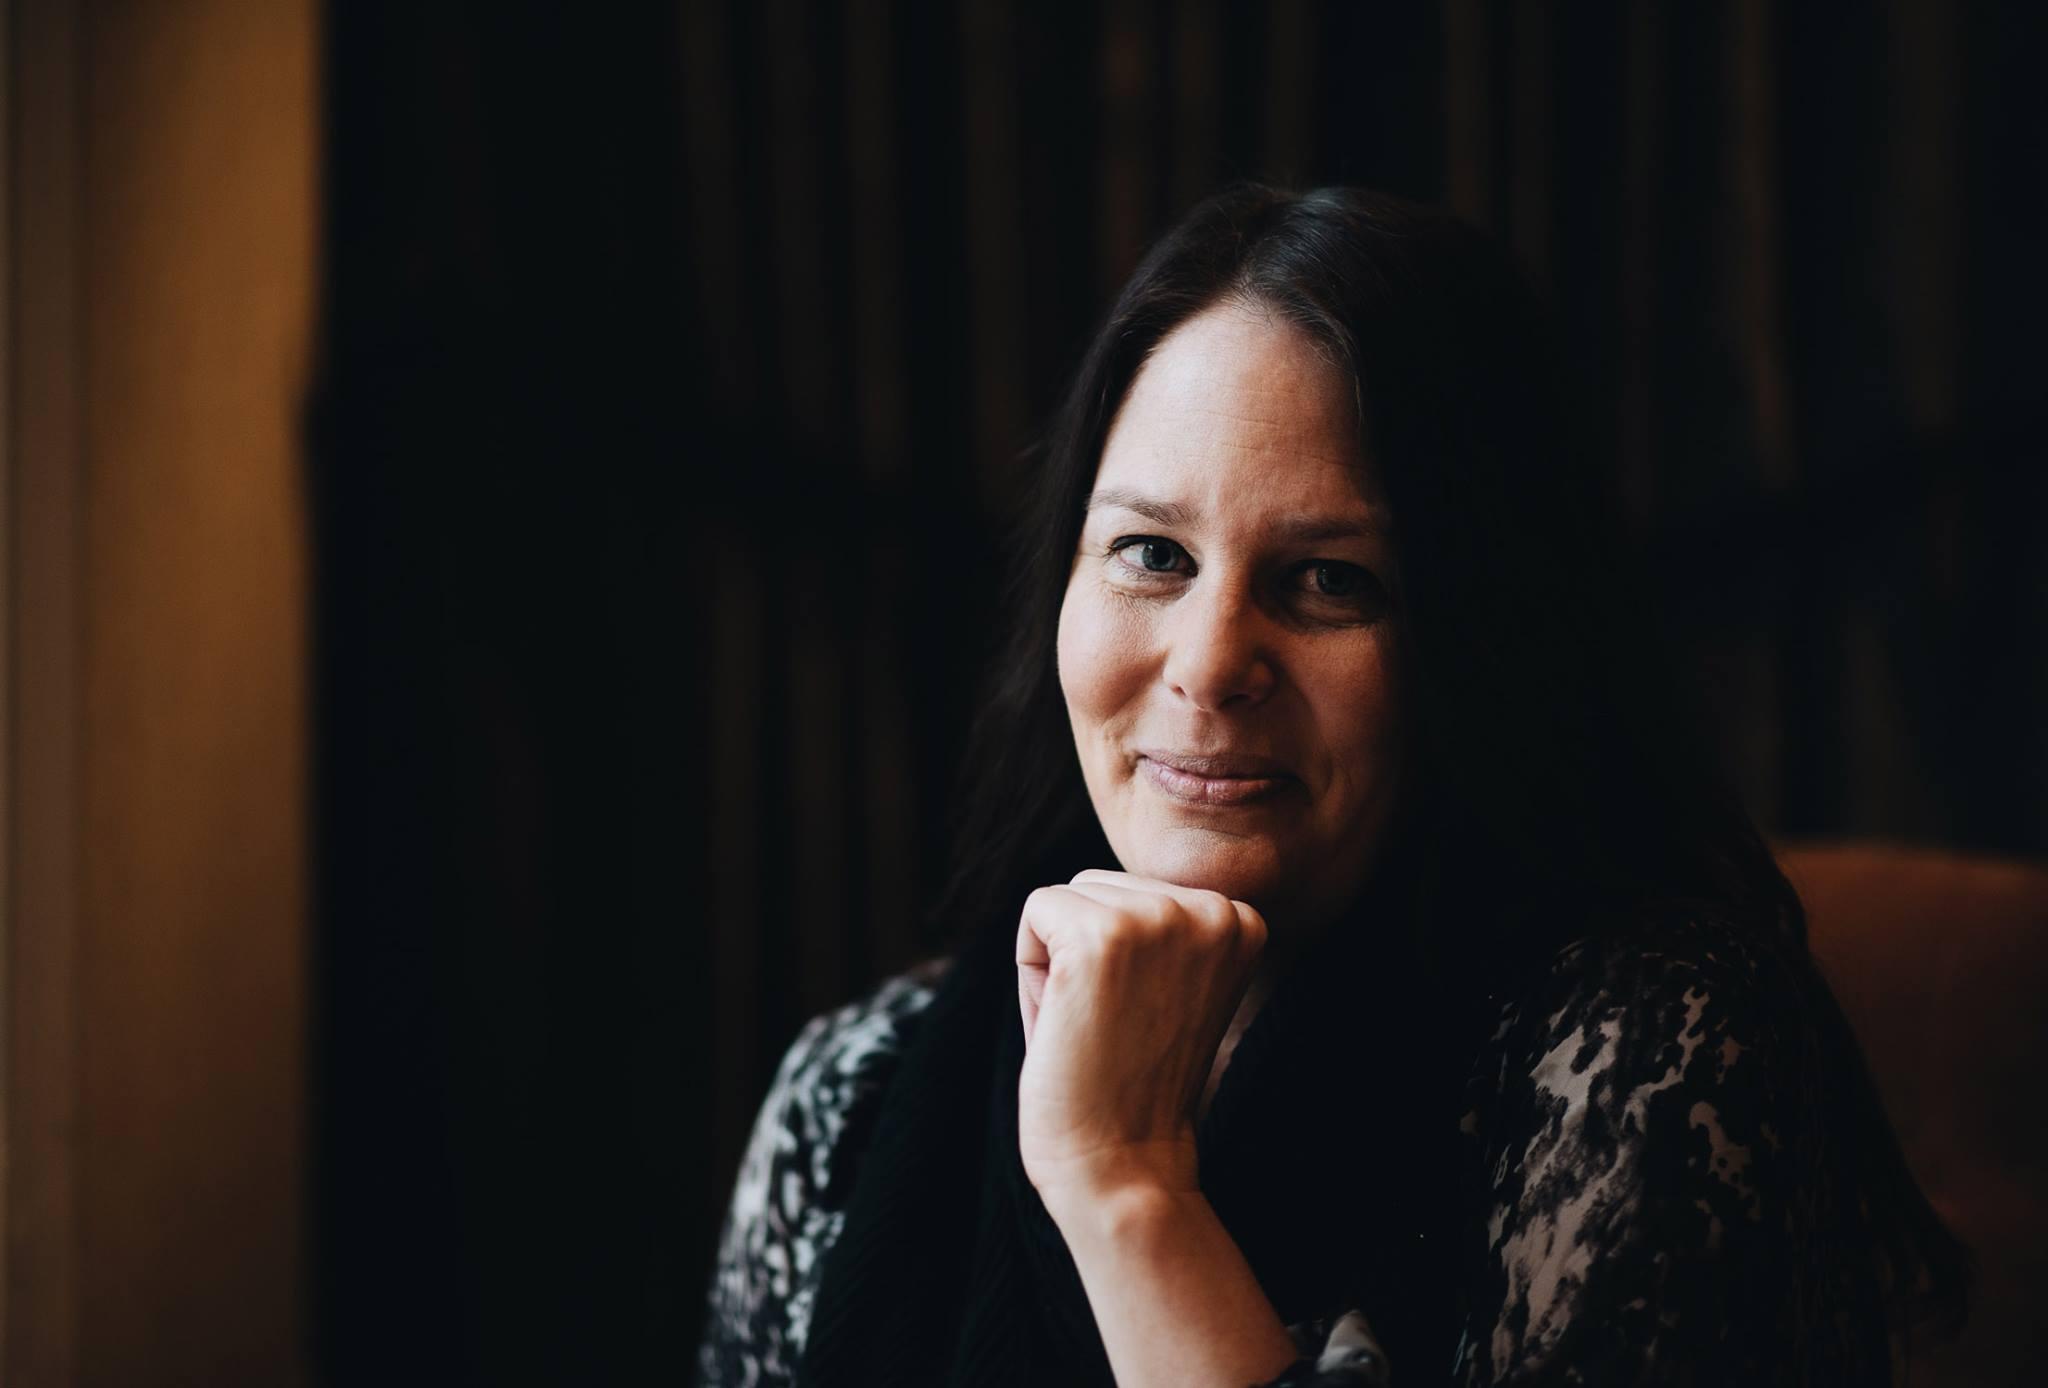 Canilla Enskär, Jazzsångerska och skådespelare